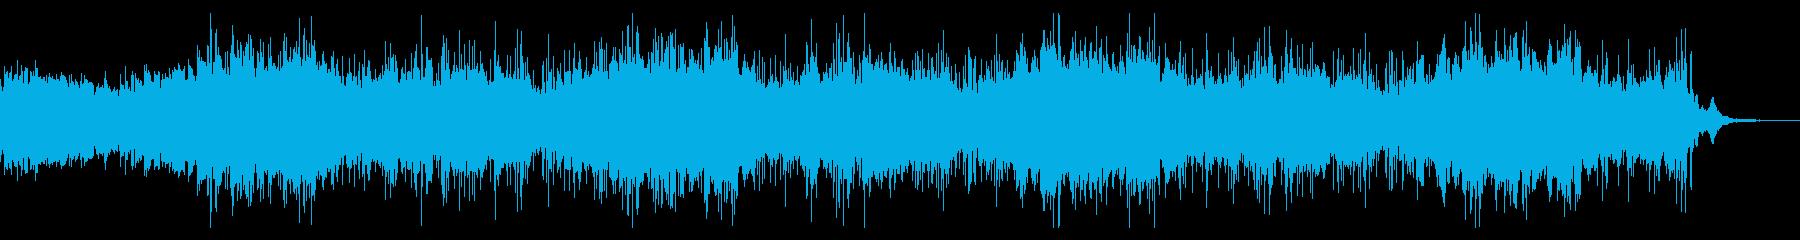 ダークなテクスチャIDMの再生済みの波形